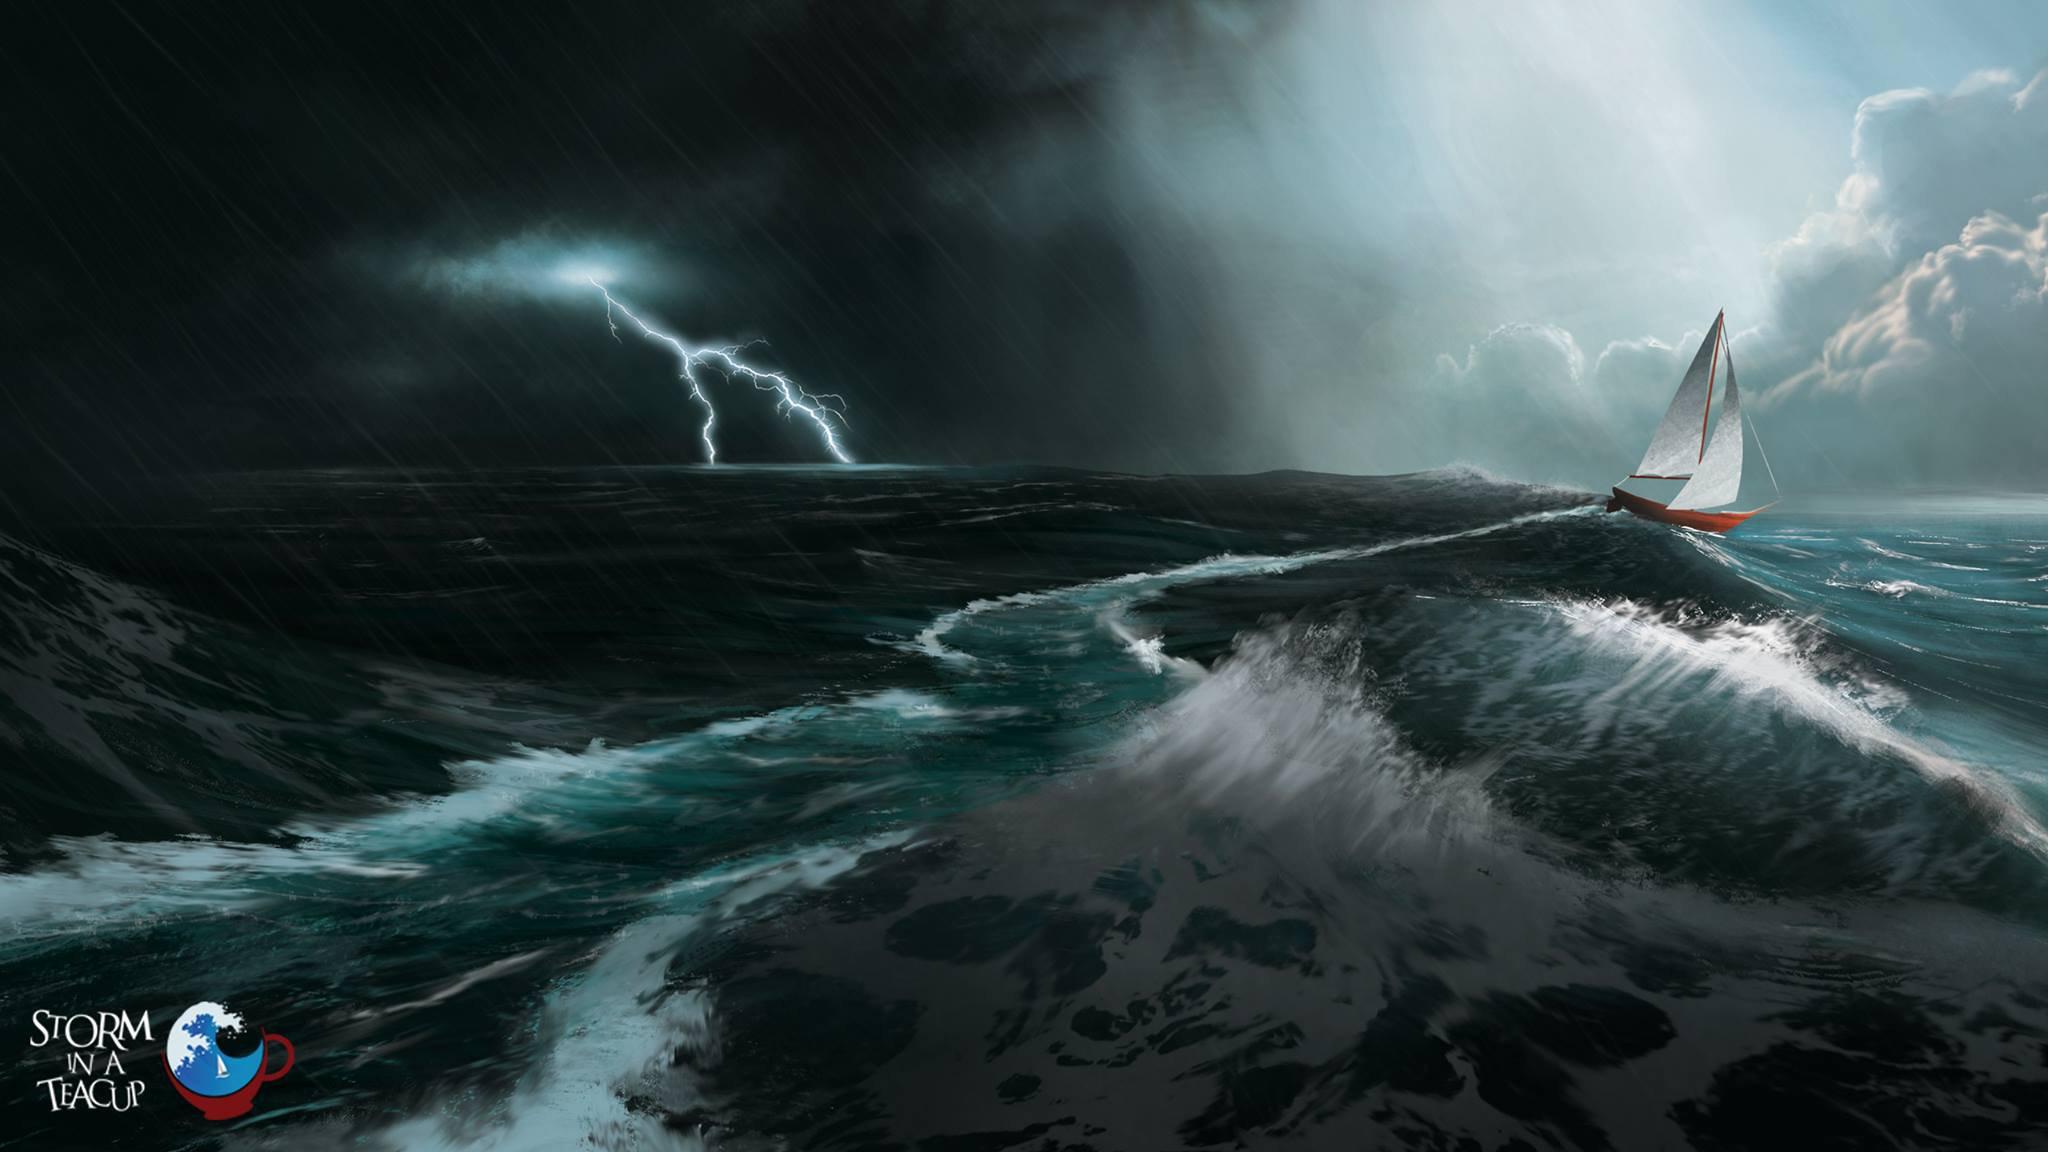 Storm in a Teacup: cosa c'è dietro a un videogioco